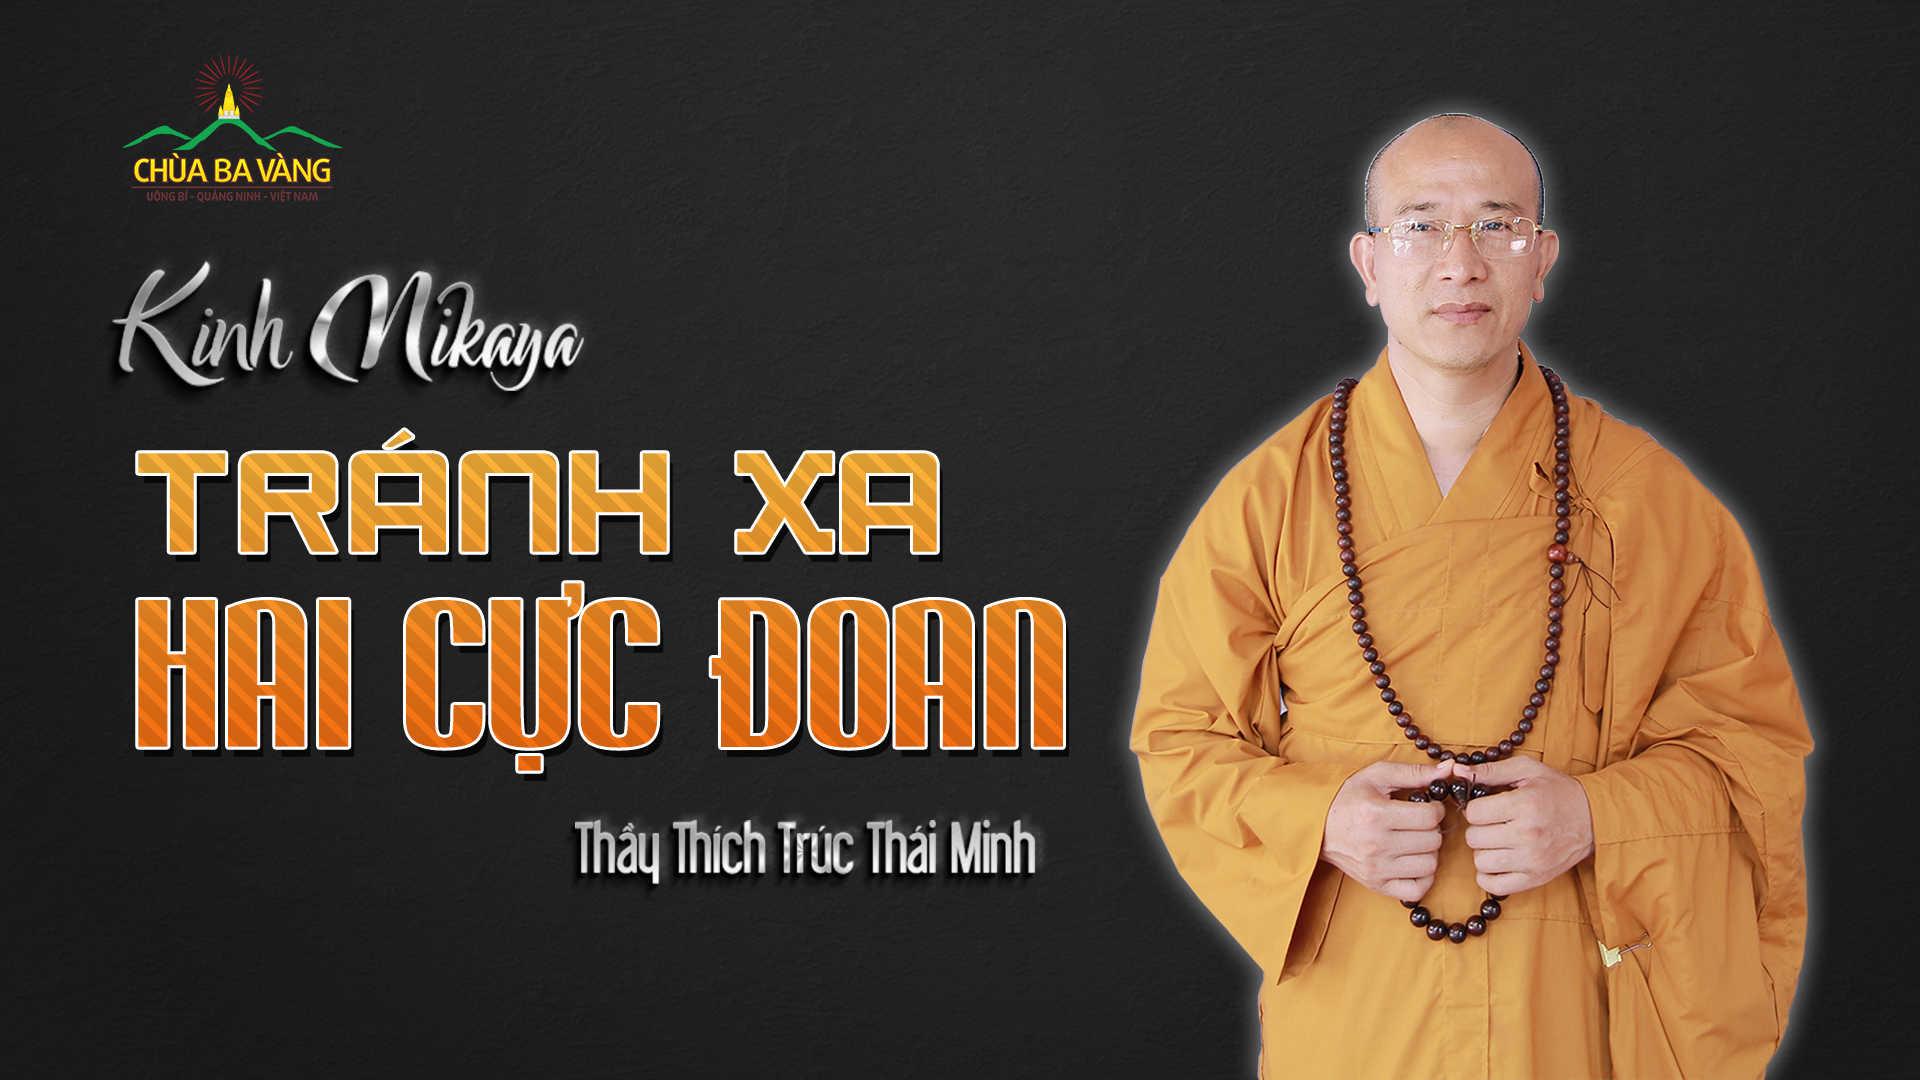 Tránh xa hai cực đoan Thầy Thích Trúc Thái Minh chùa Ba Vàng.